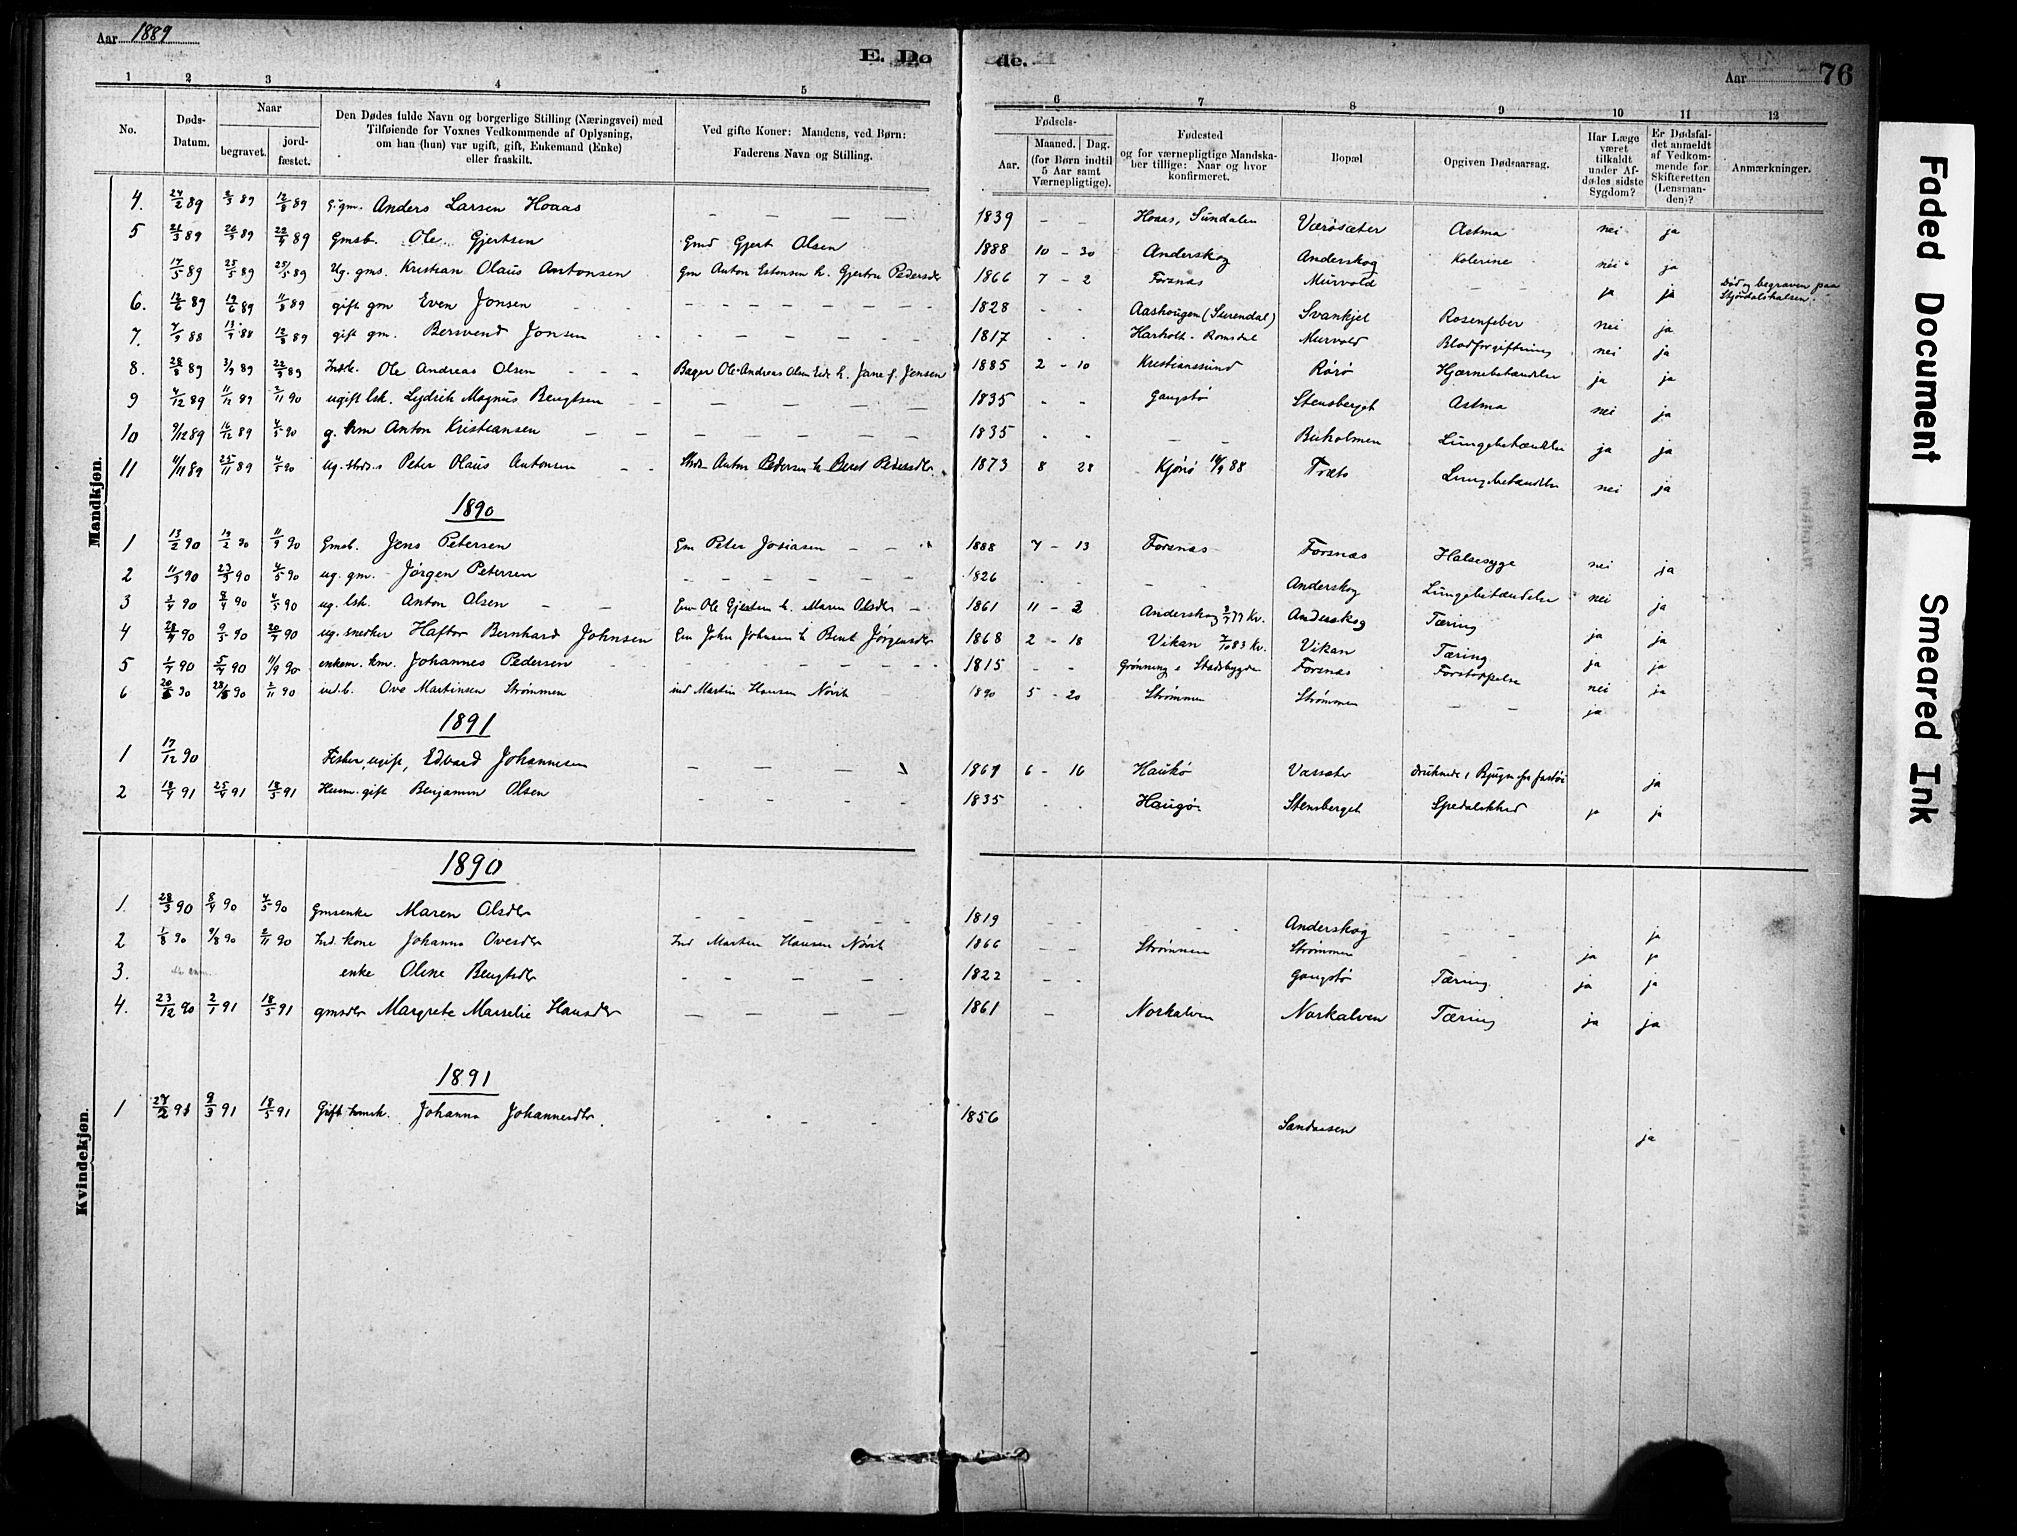 SAT, Ministerialprotokoller, klokkerbøker og fødselsregistre - Sør-Trøndelag, 635/L0551: Ministerialbok nr. 635A01, 1882-1899, s. 76